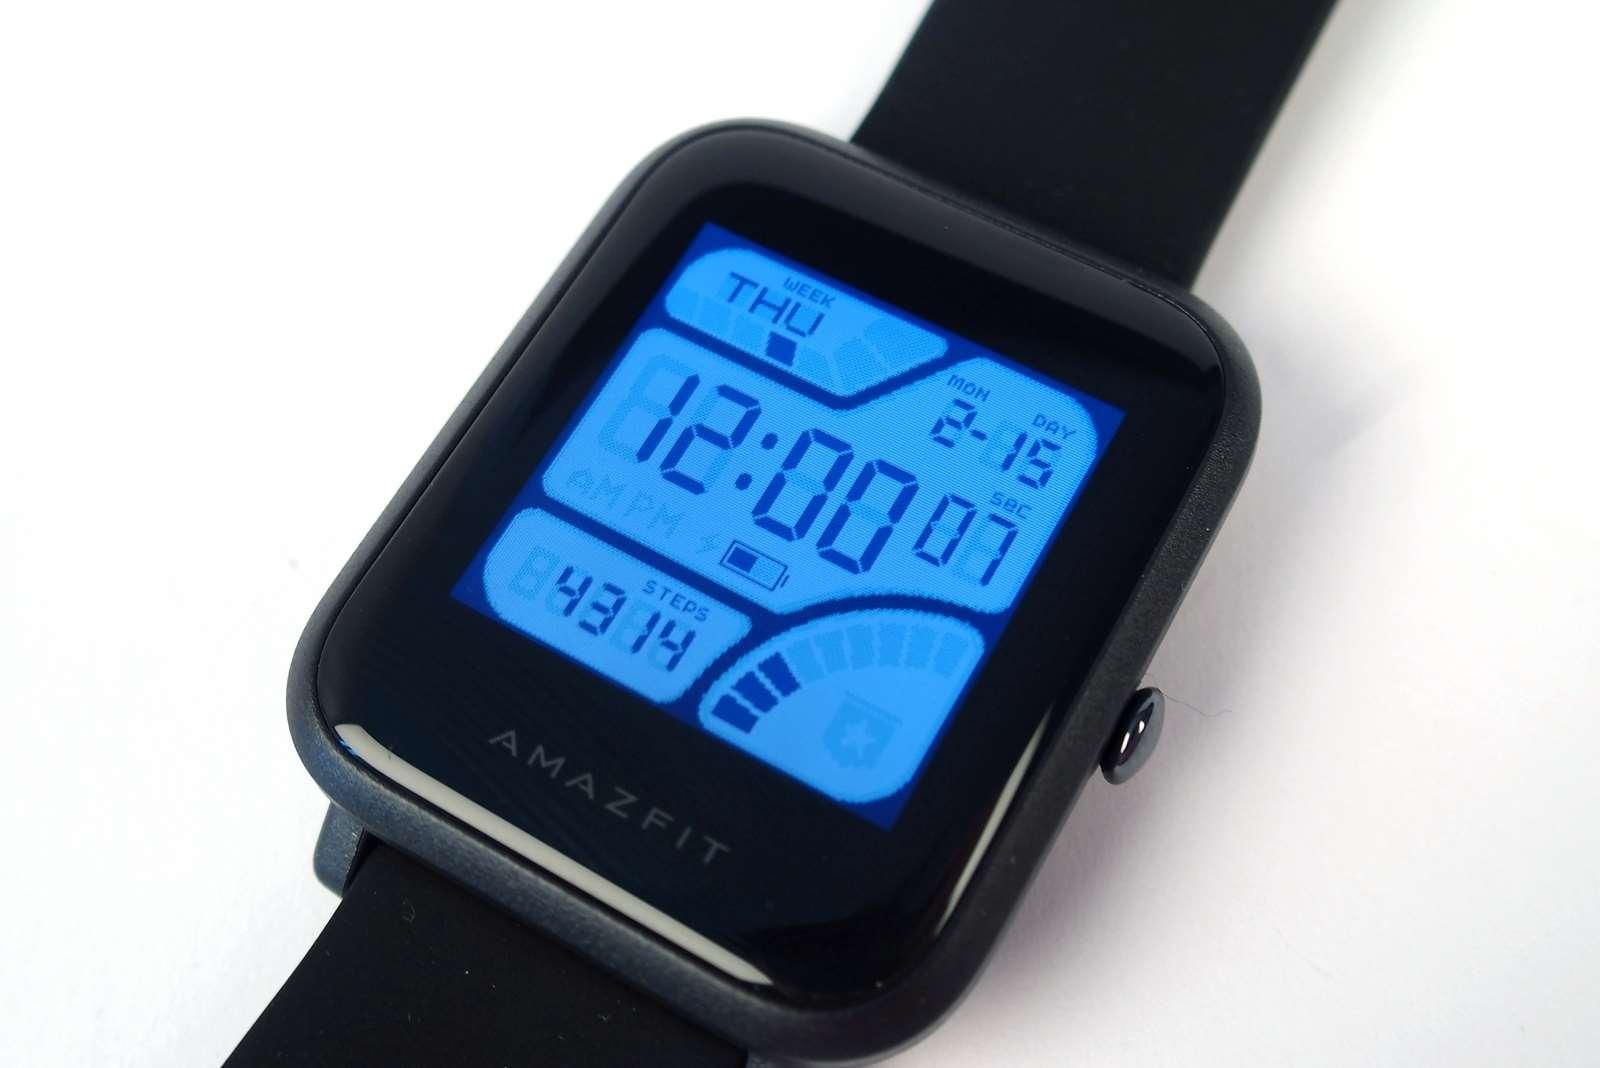 194846c79ed Vybrali jsme 13 povedených chytrých hodinek a náramků. Nejen pod ...